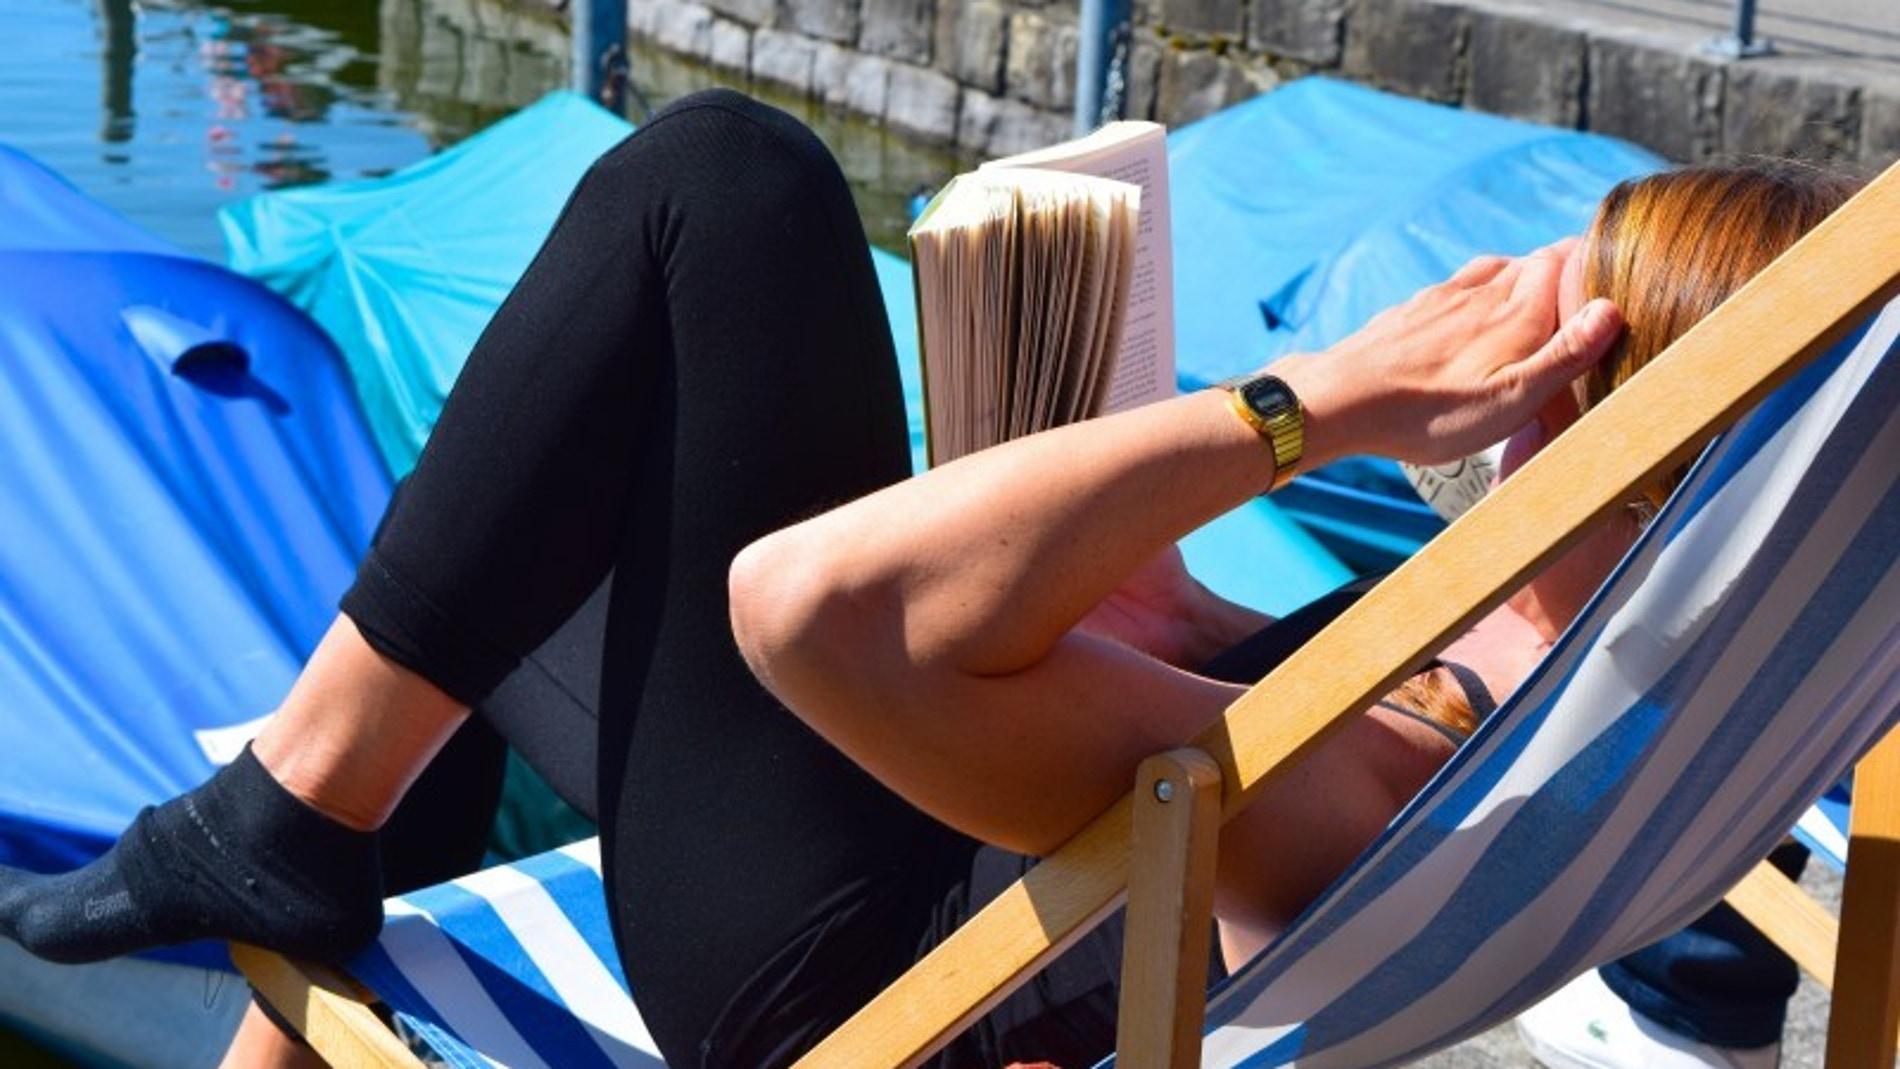 La radiación UVA es responsables del envejecimiento de la piel y la UVB de las quemaduras